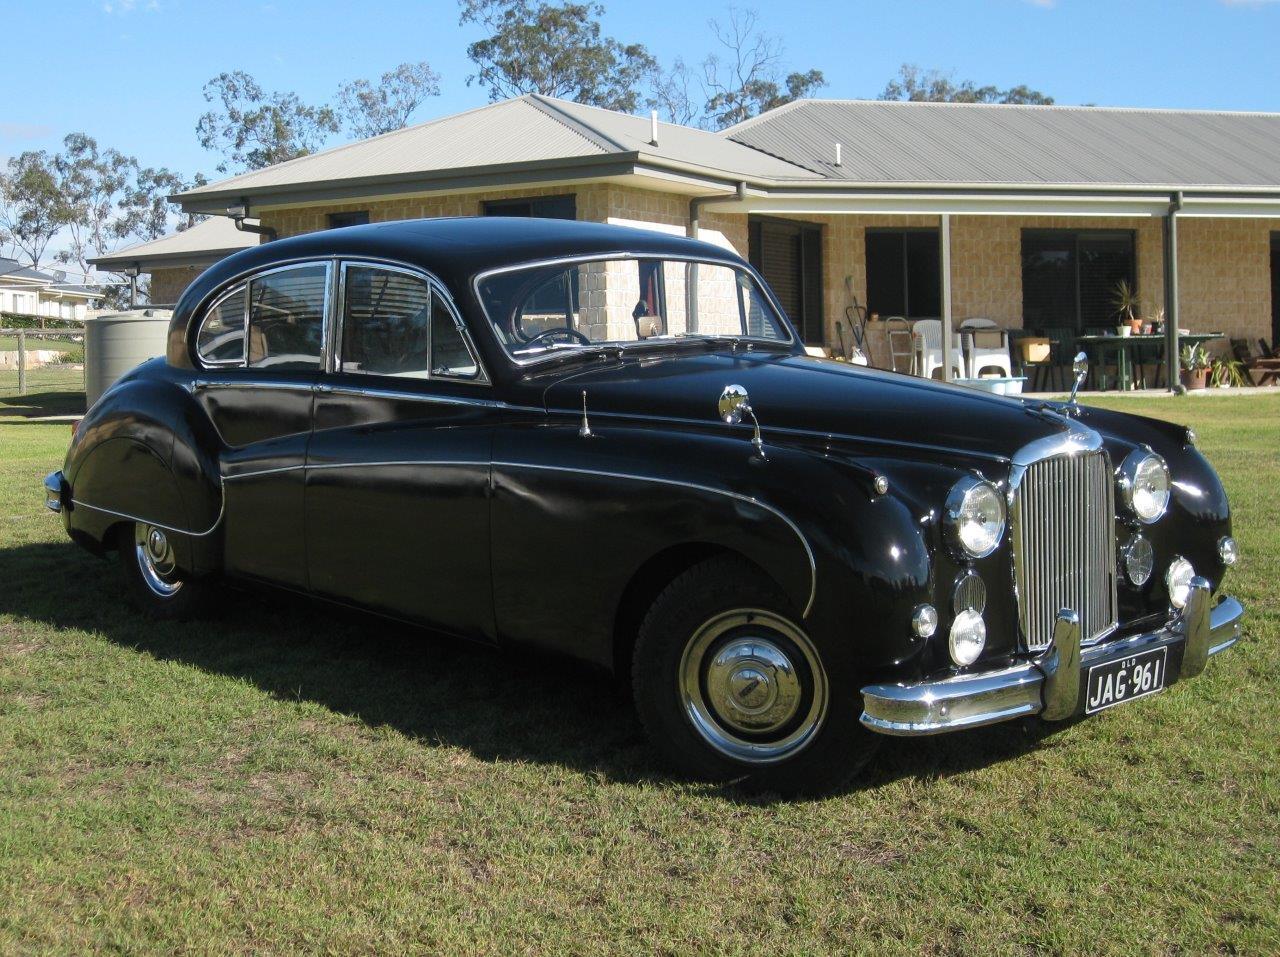 Black Jaguar wedding car Hire